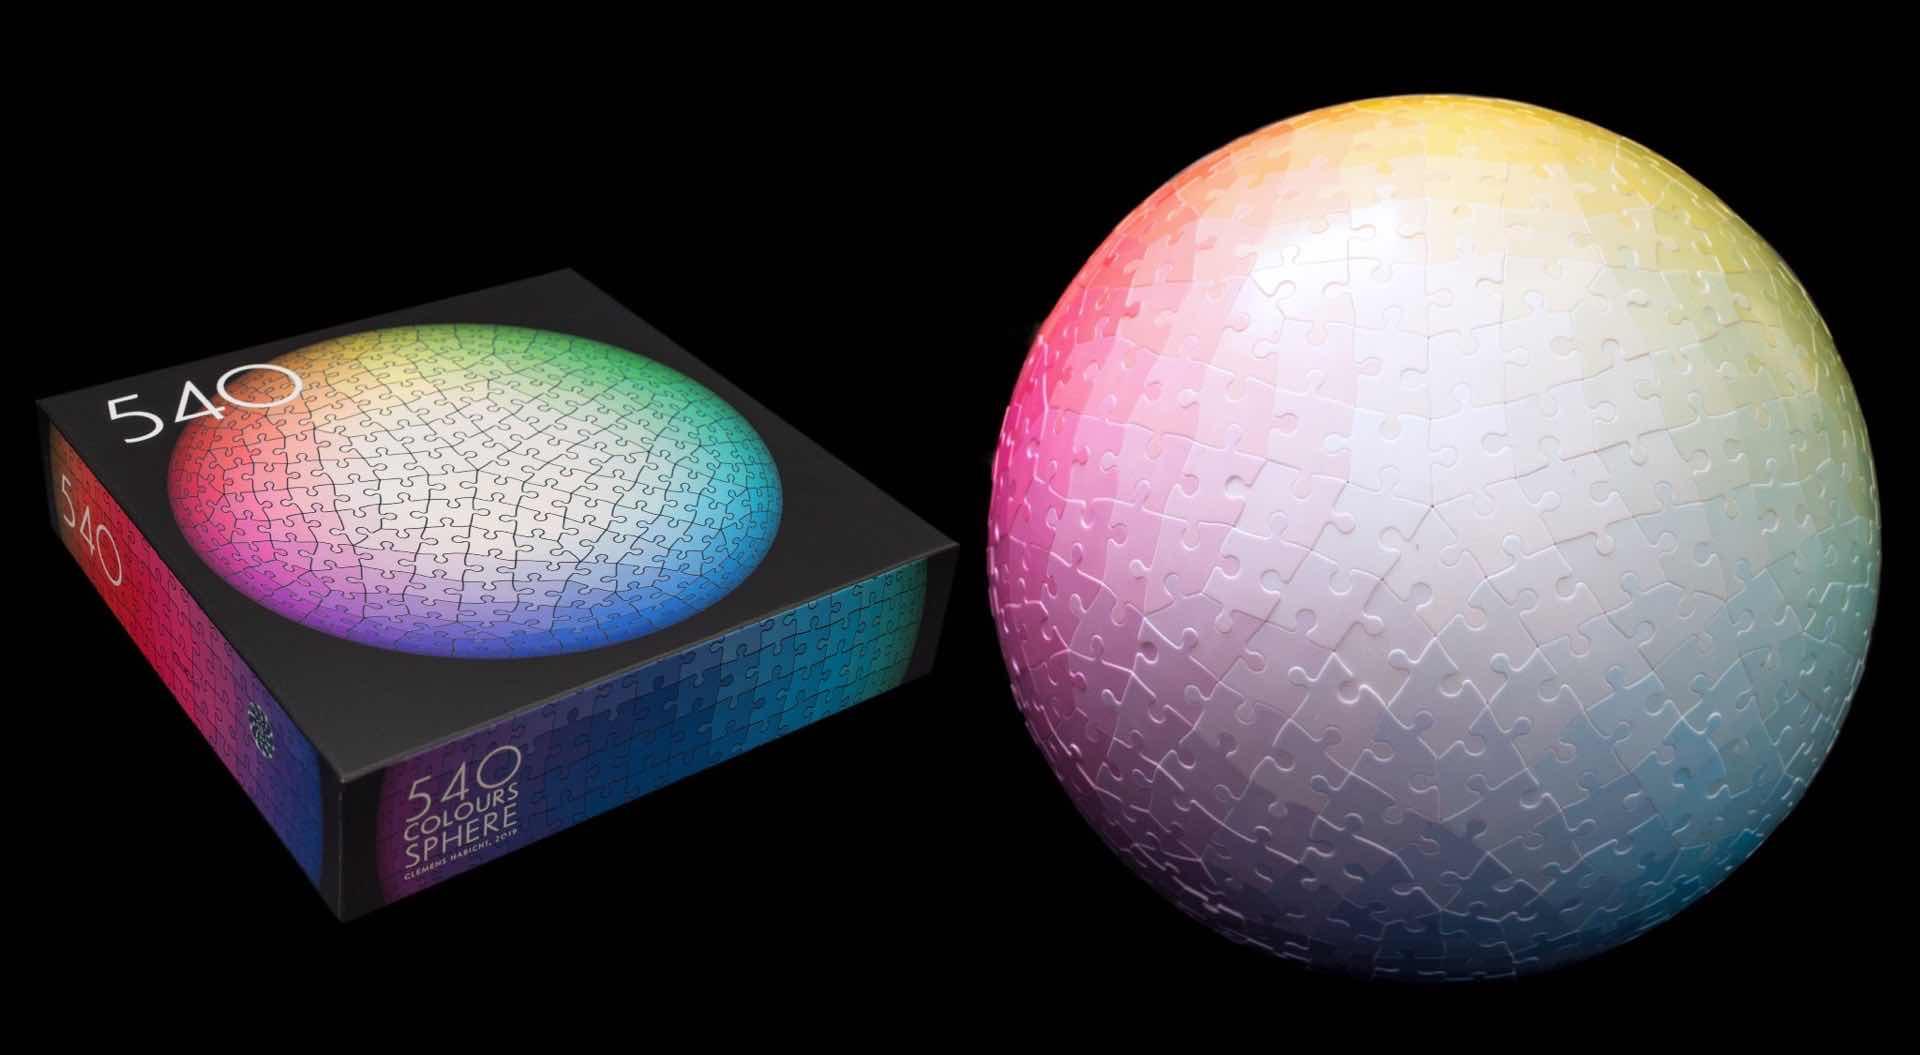 clemens-habicht-540-colors-sphere-jigsaw-puzzle